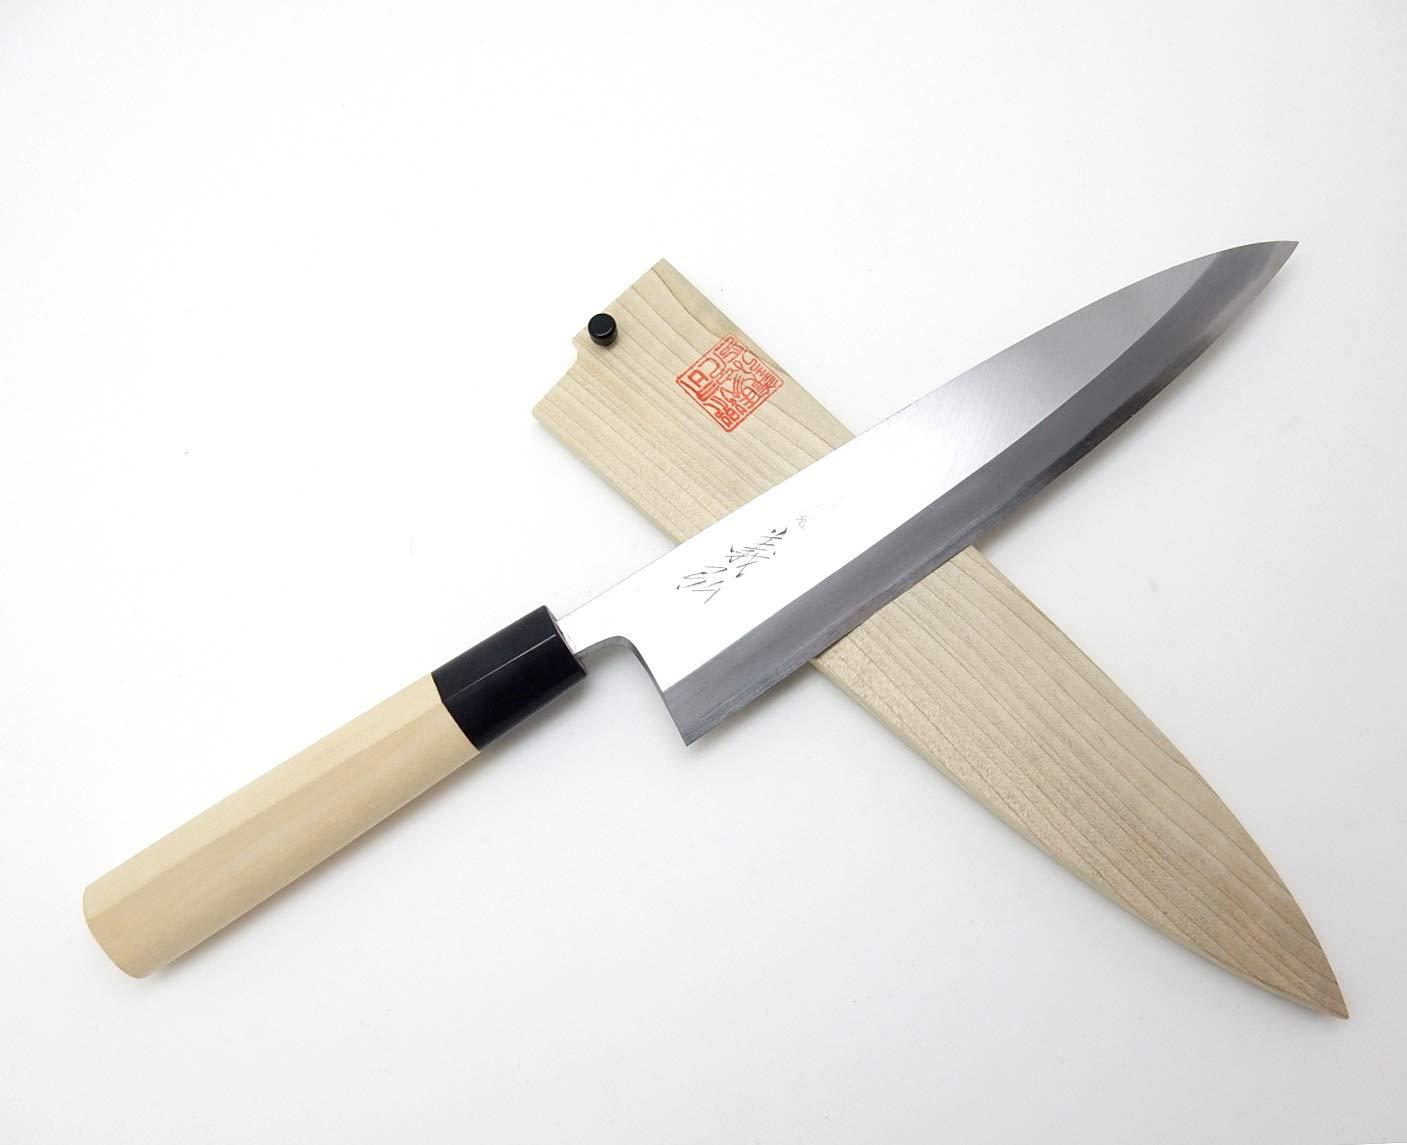 Yoshihiro Yasuki White Steel #2,JOUSAKU Japanese Chef's Mioroshi Deba Knife with Wooden Saya Cover (210mm/8.3'') by Yoshihiro